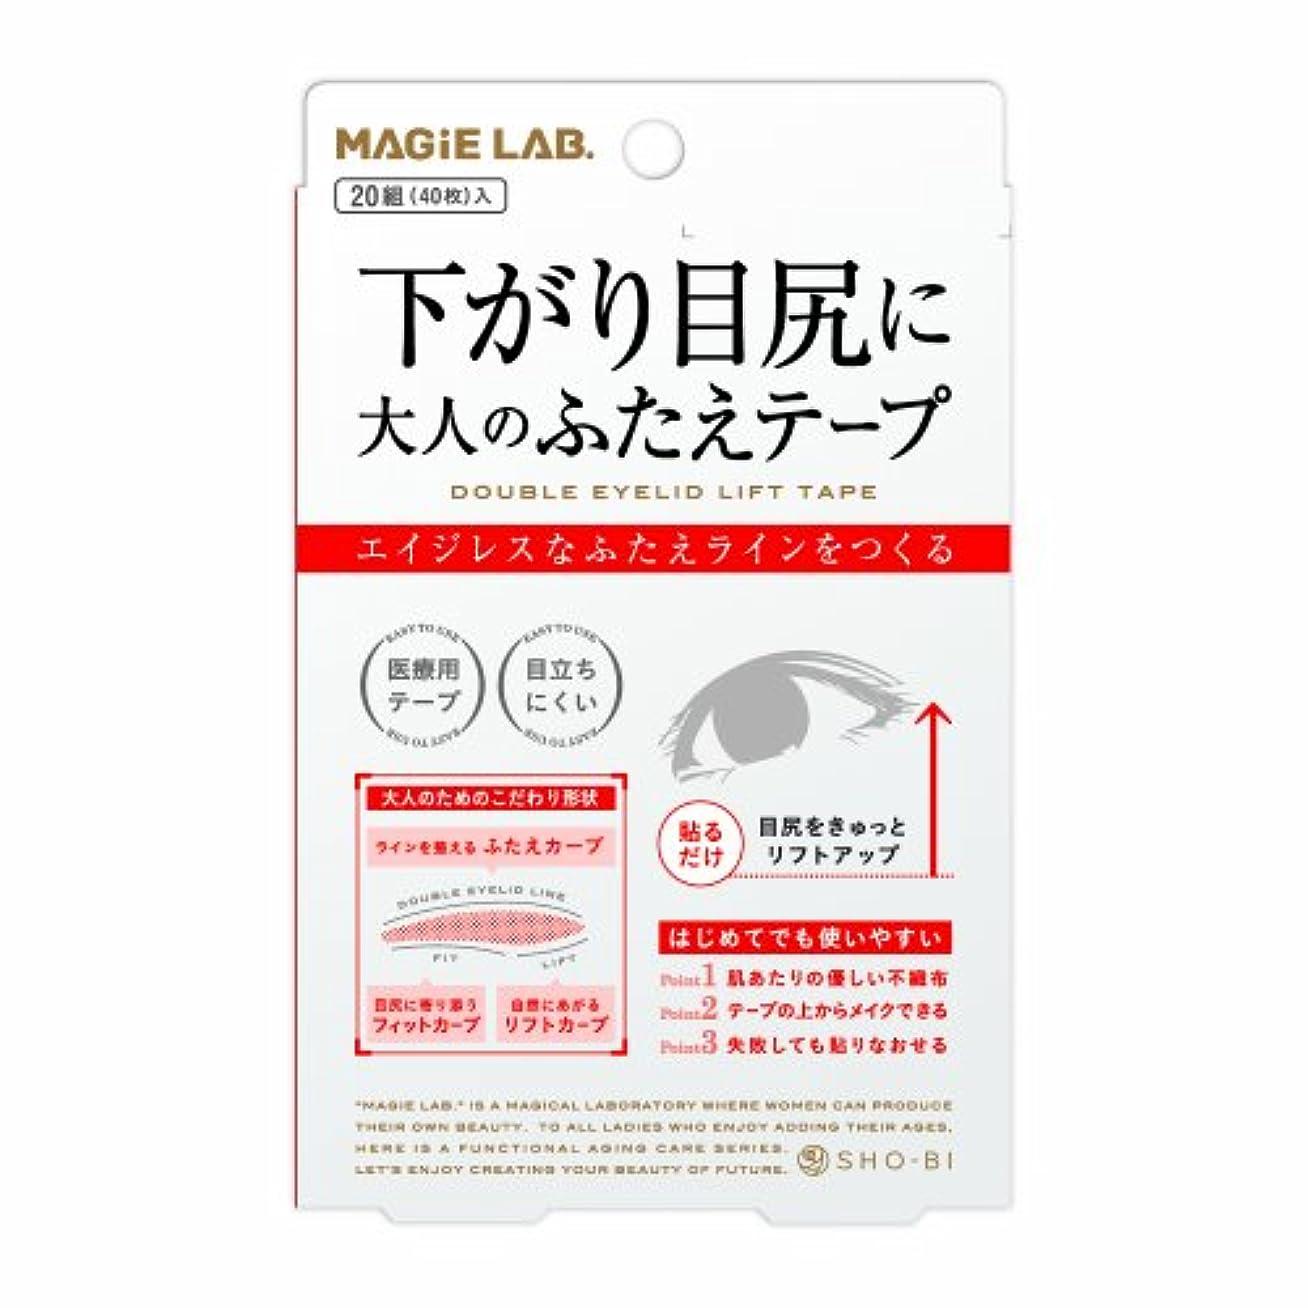 ビジュアル共和国優しさMG22105 下がり目尻に 大人のふたえープ 20組40枚入 整形テープ マジラボ MAGiE LAB.